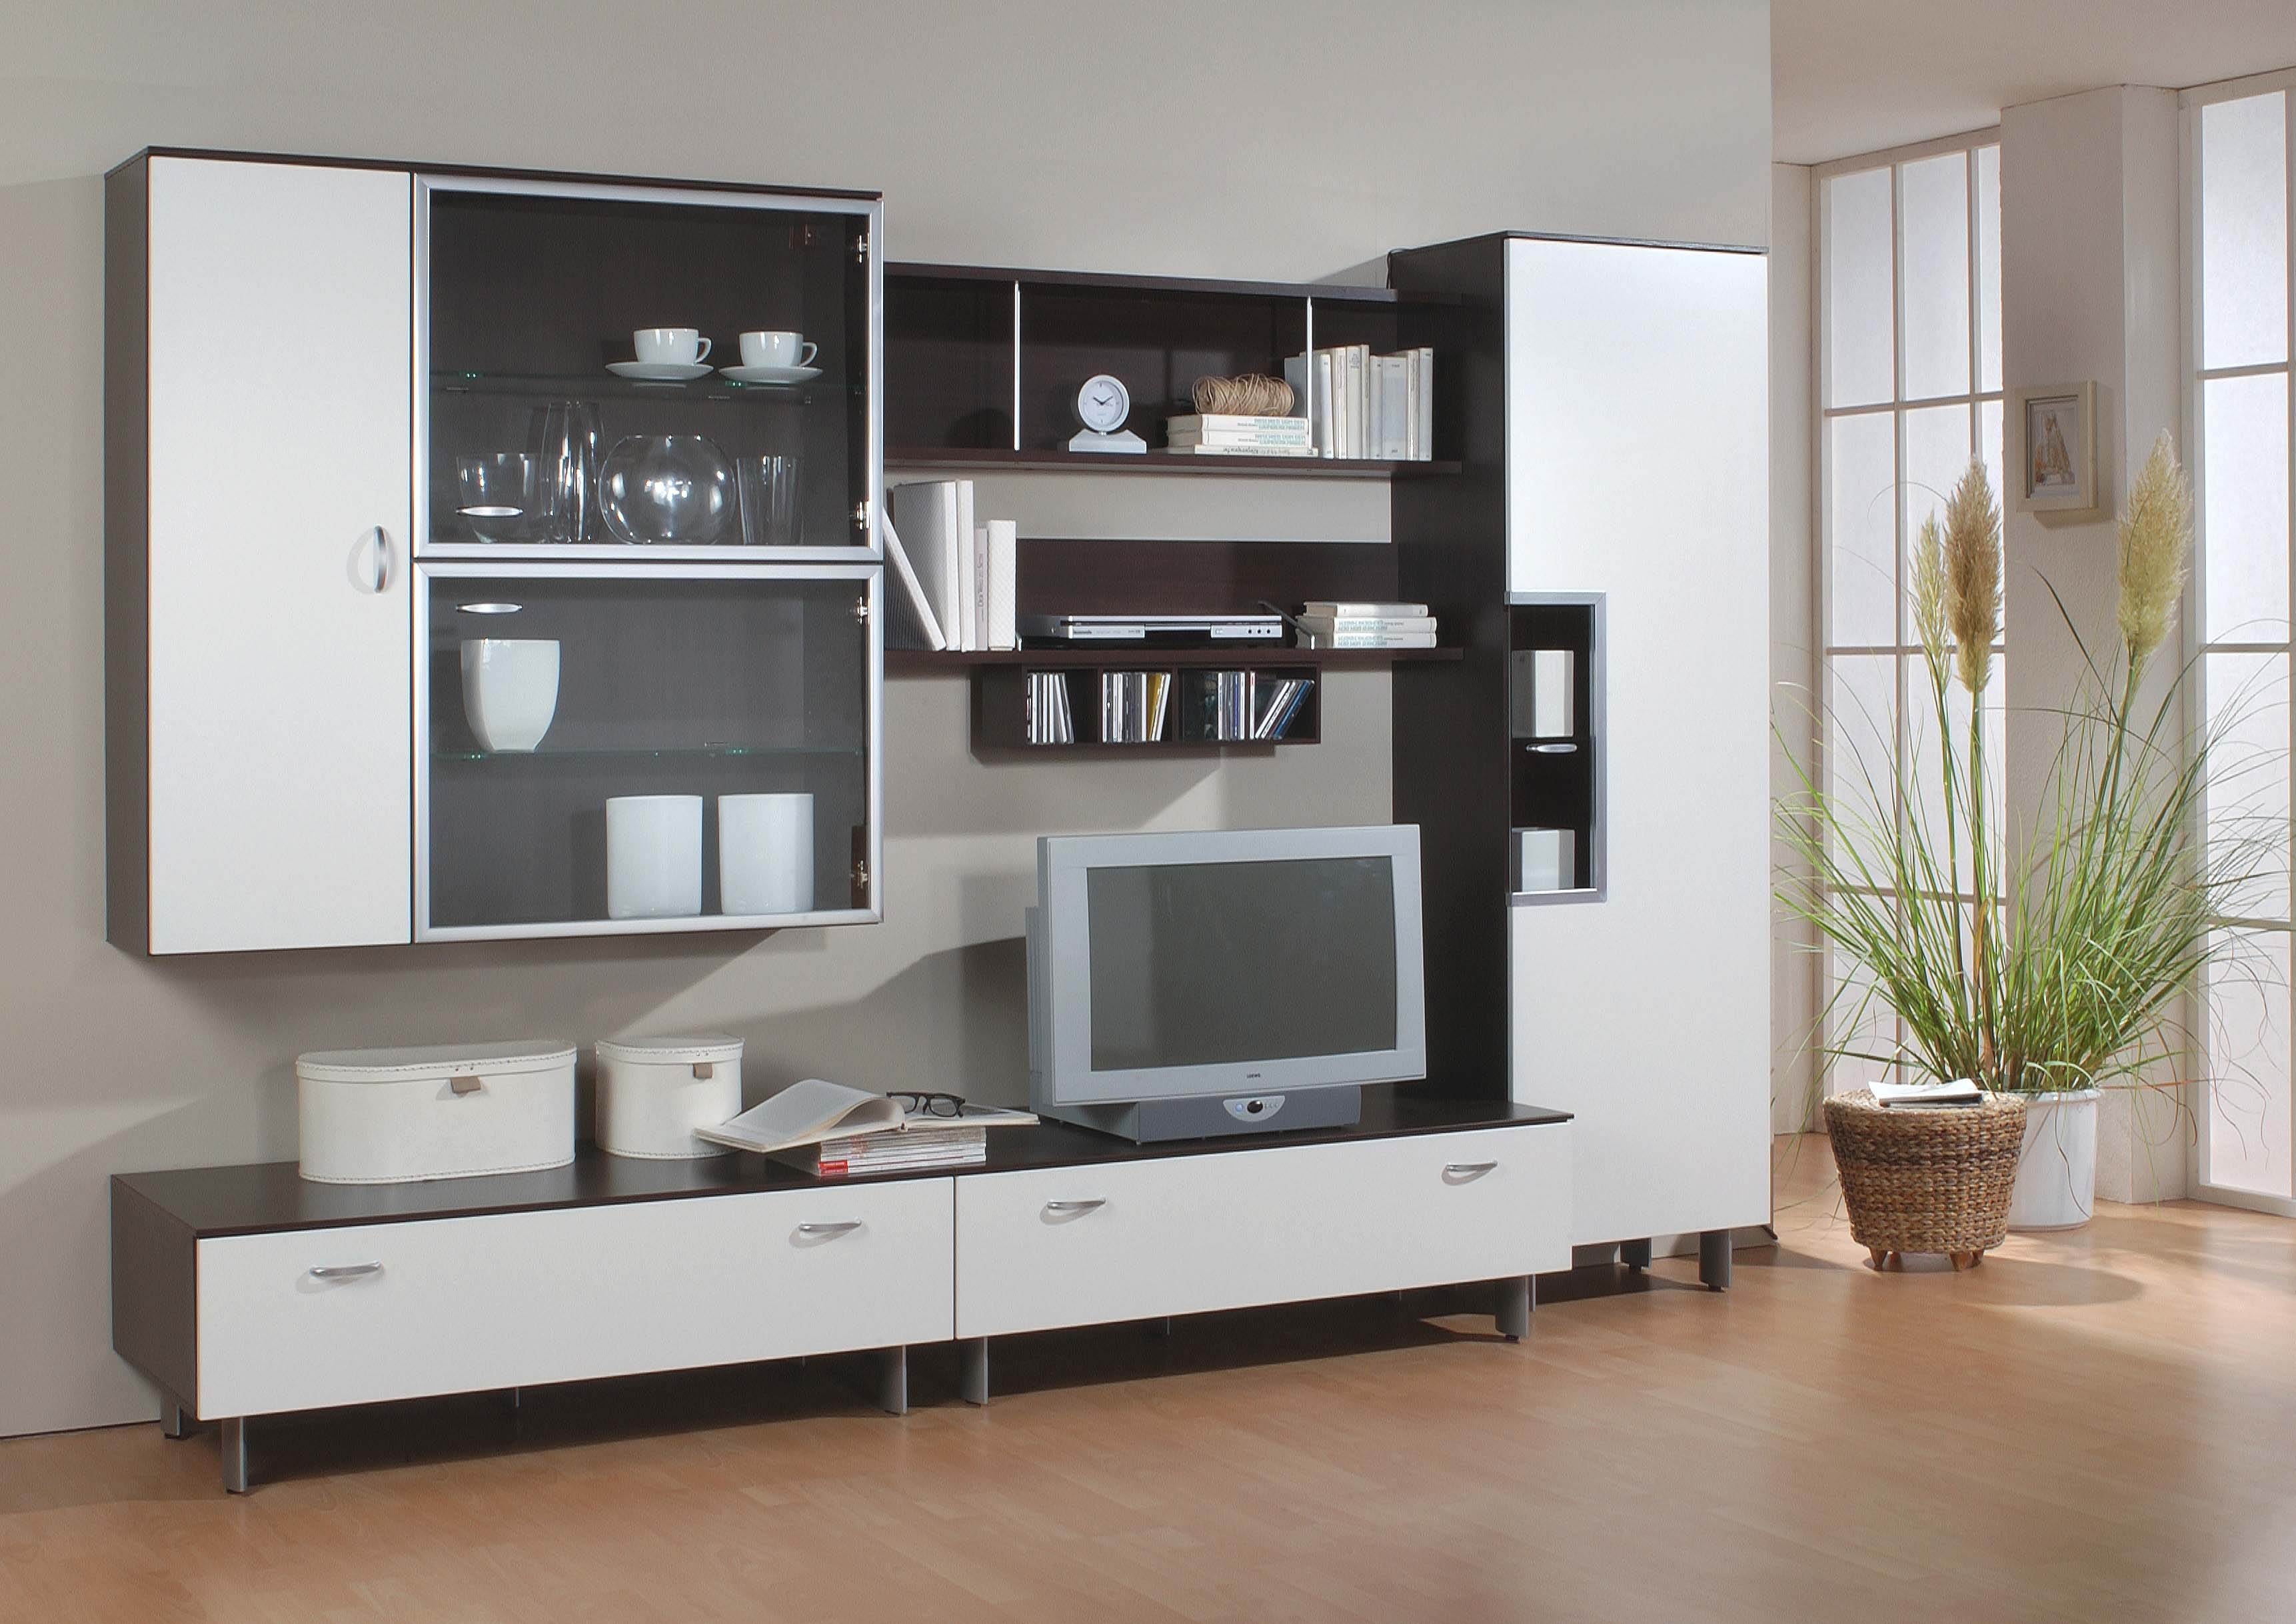 мебель гостинные комнаты фото Новости